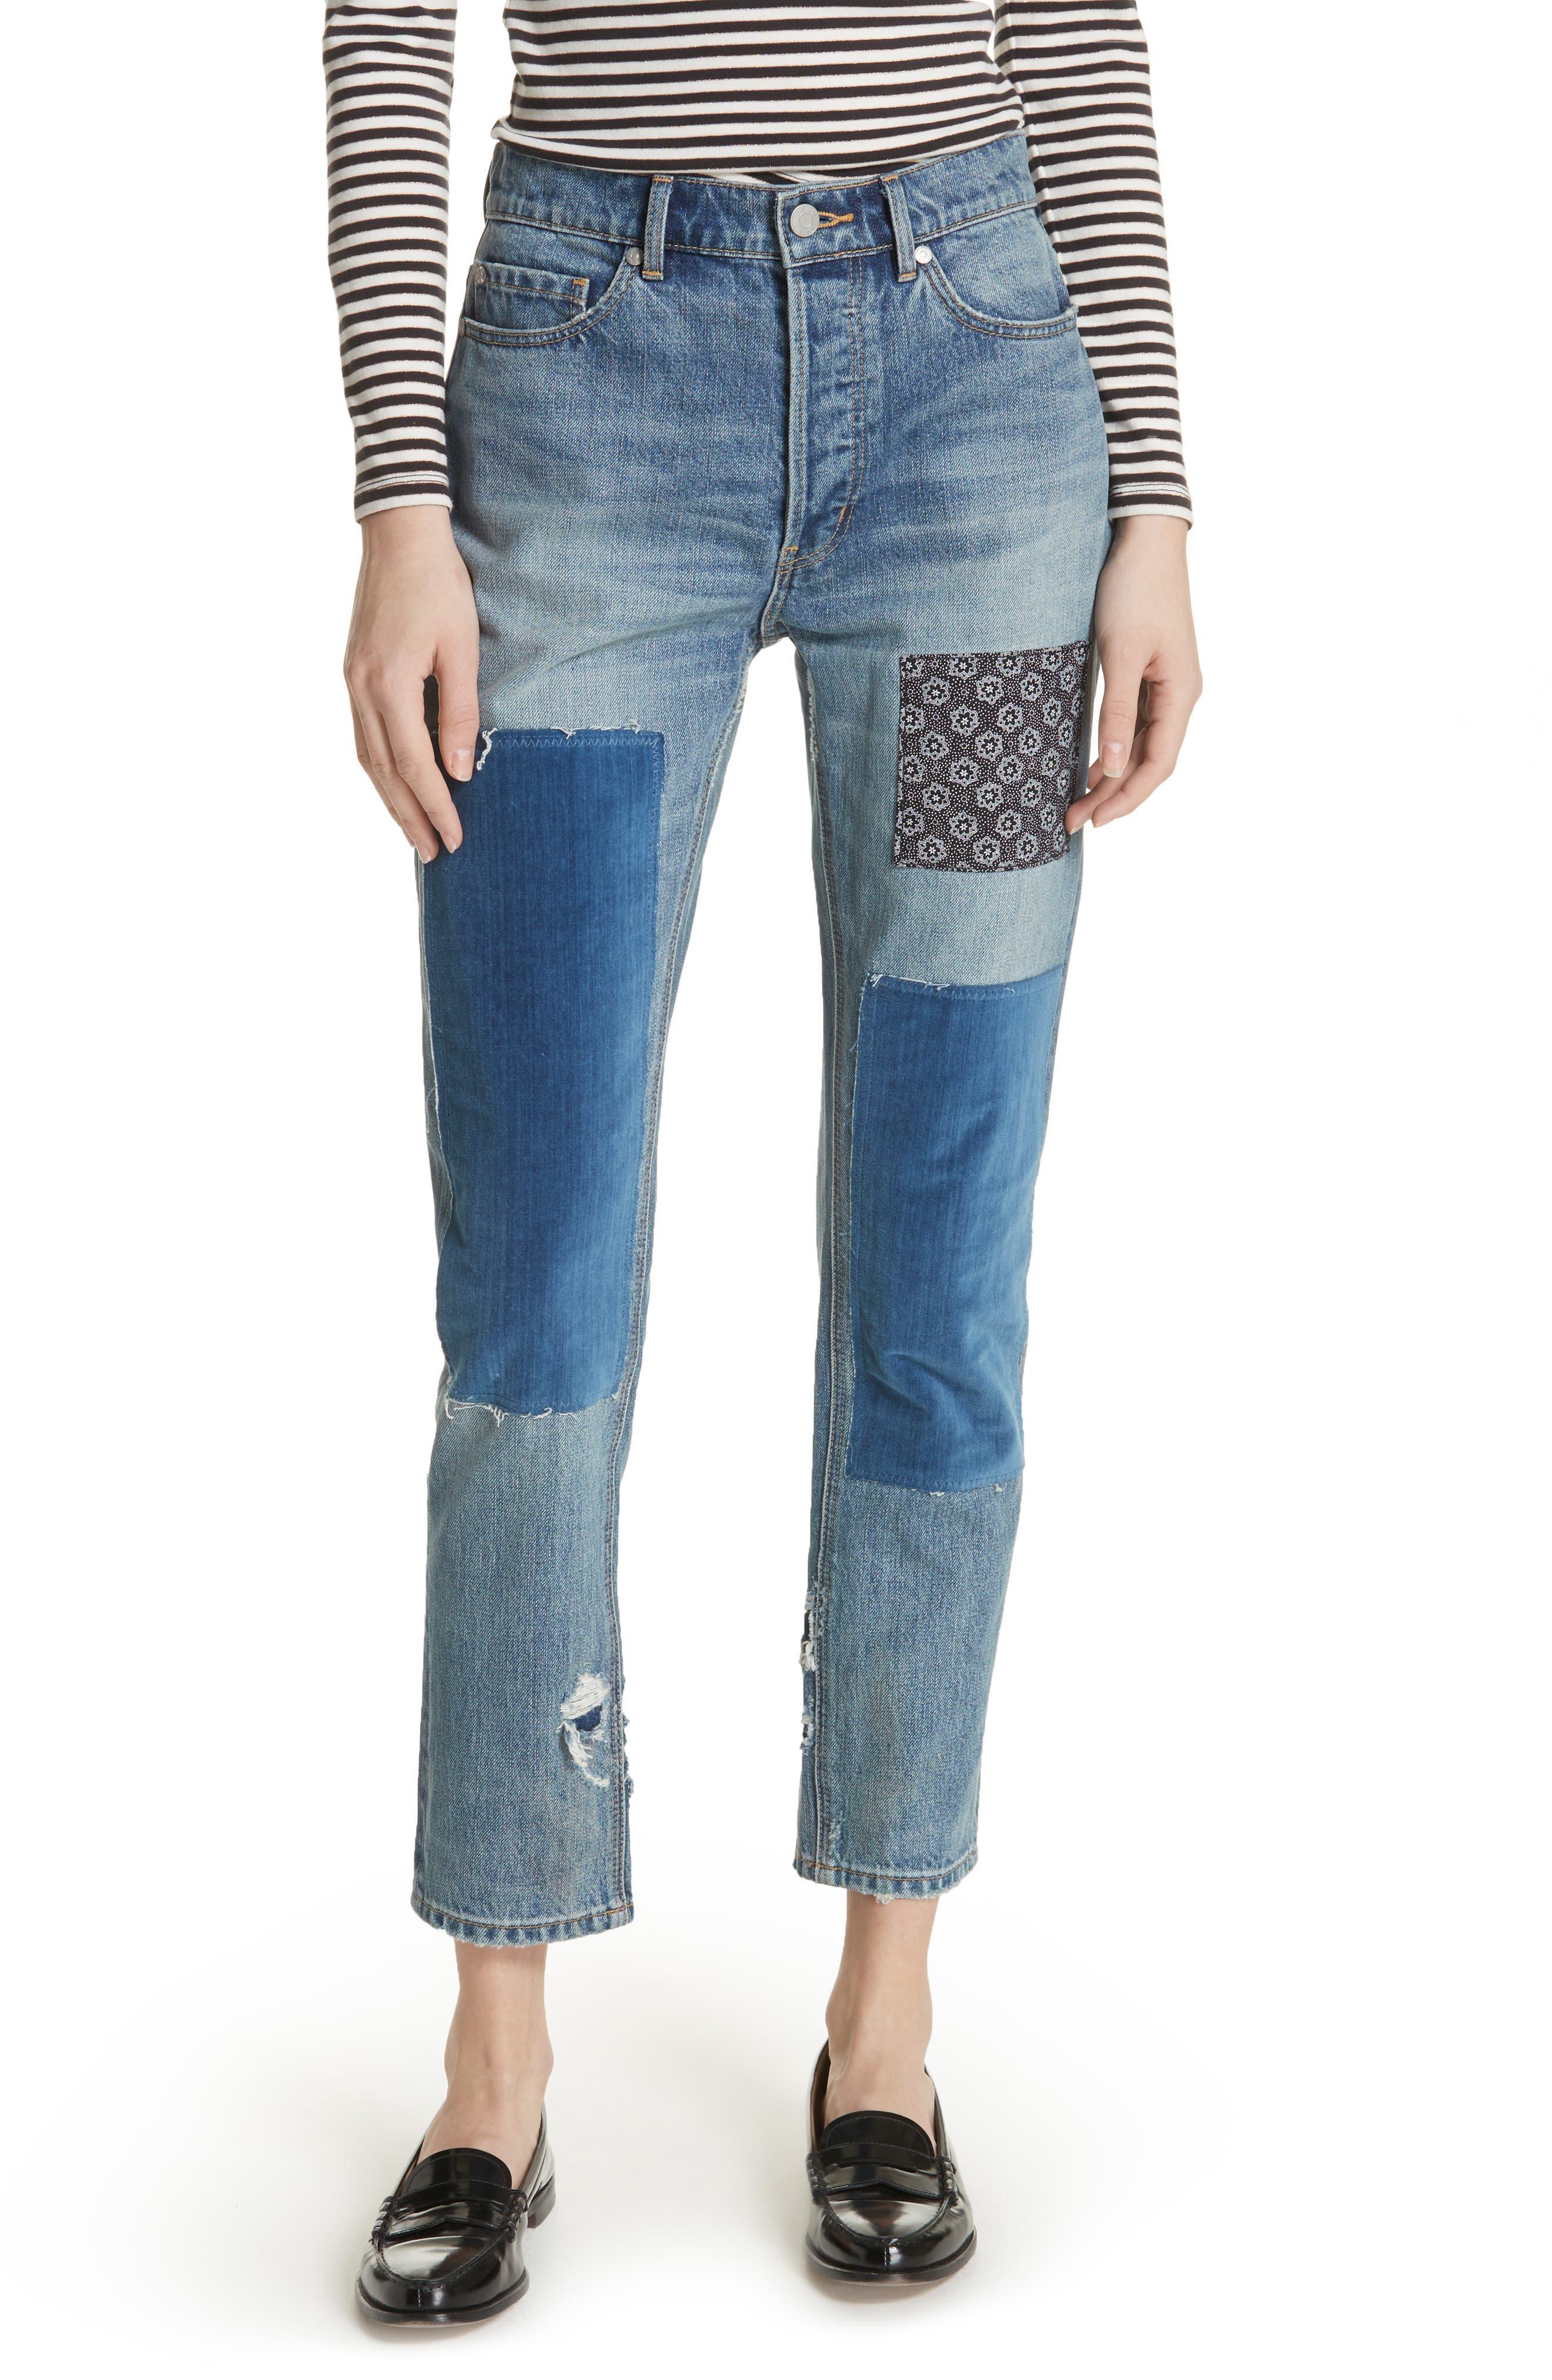 La Vie Rebecca Taylor Patched Velvet & Rigid Denim Jeans (Blueprint Patch)